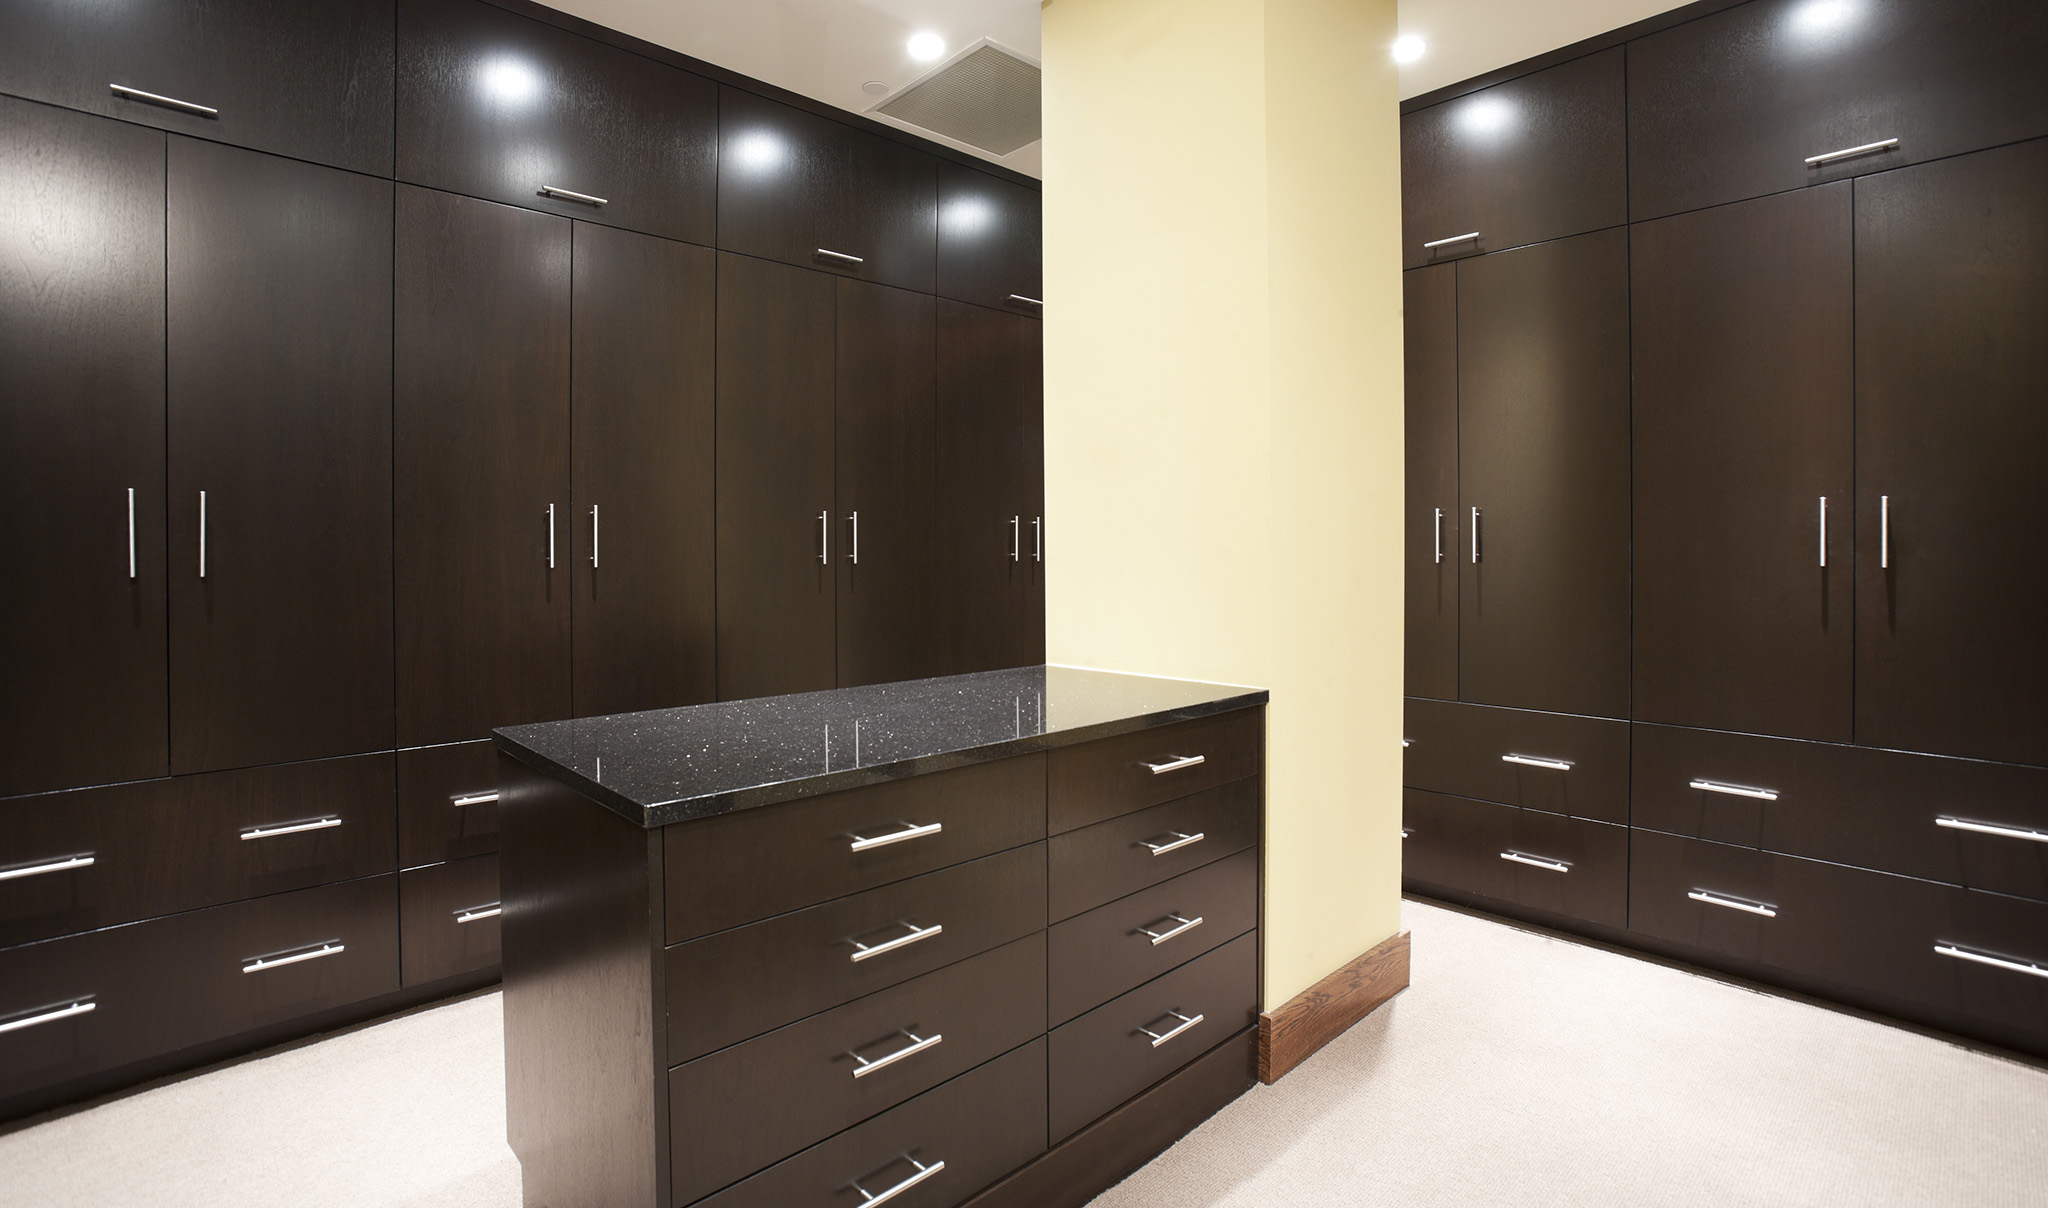 sliding wardrobe doors, built in wardrobes, wardrobe design ideas, wardrobe black